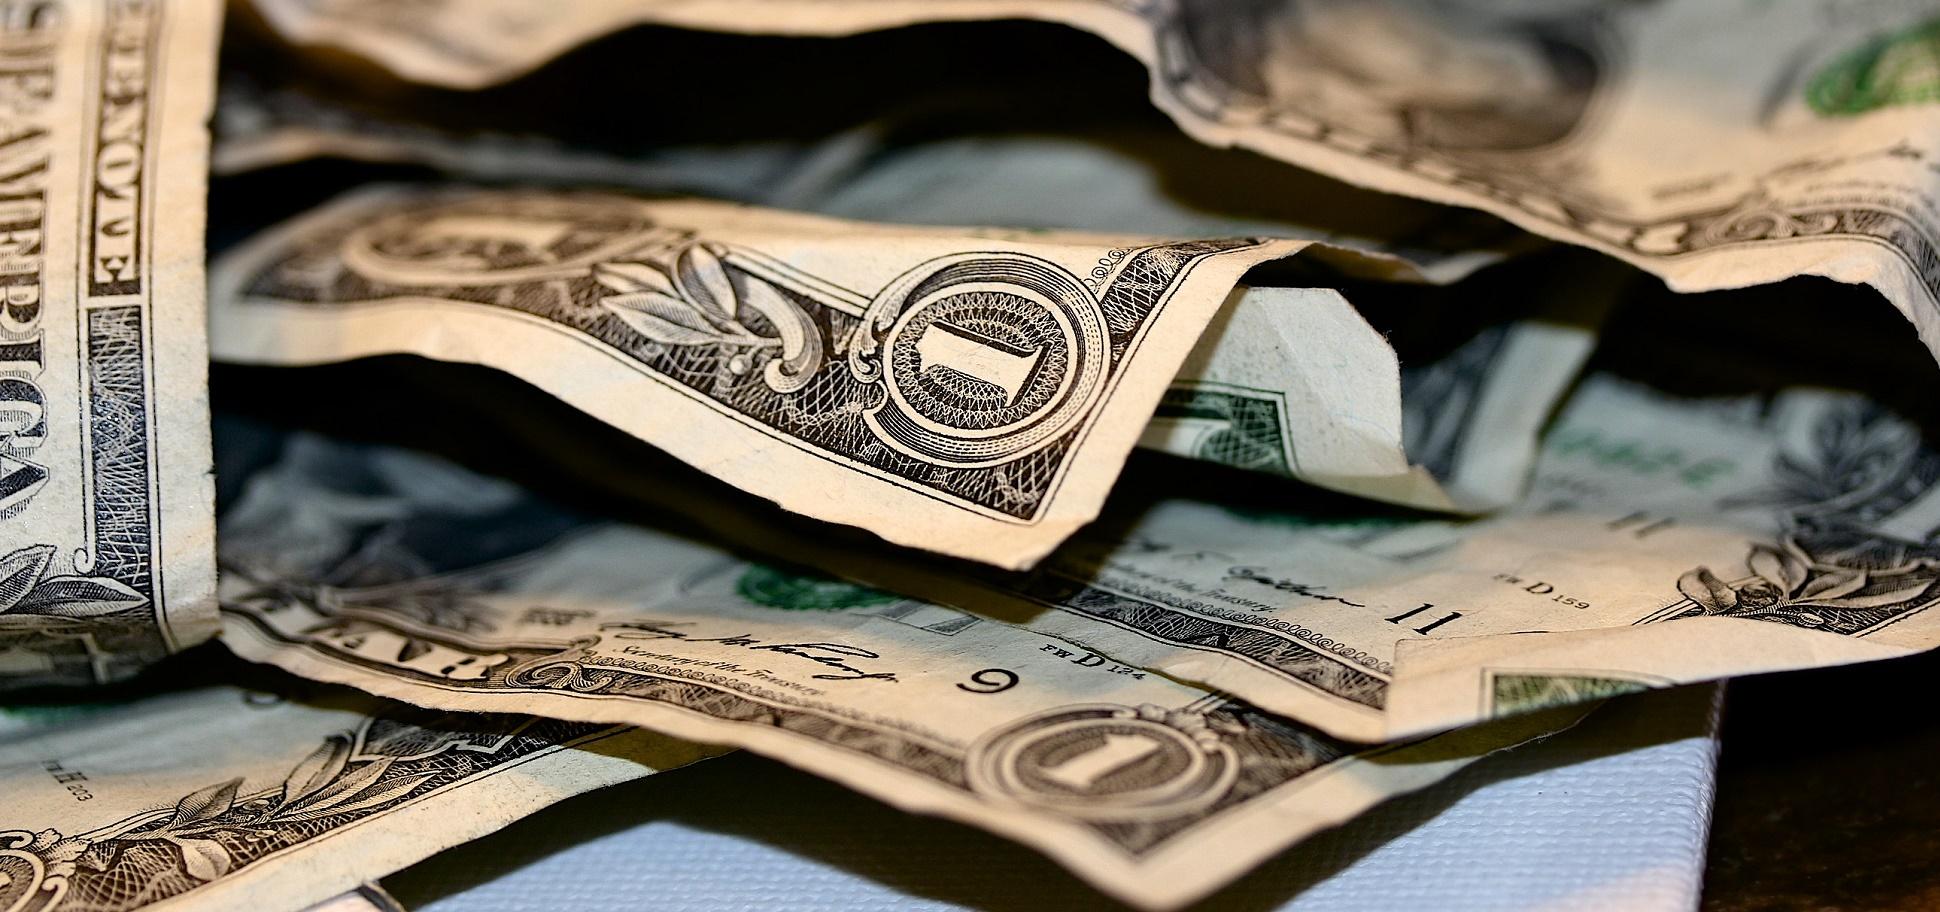 6 claves para hacer una campaña de crowdfunding